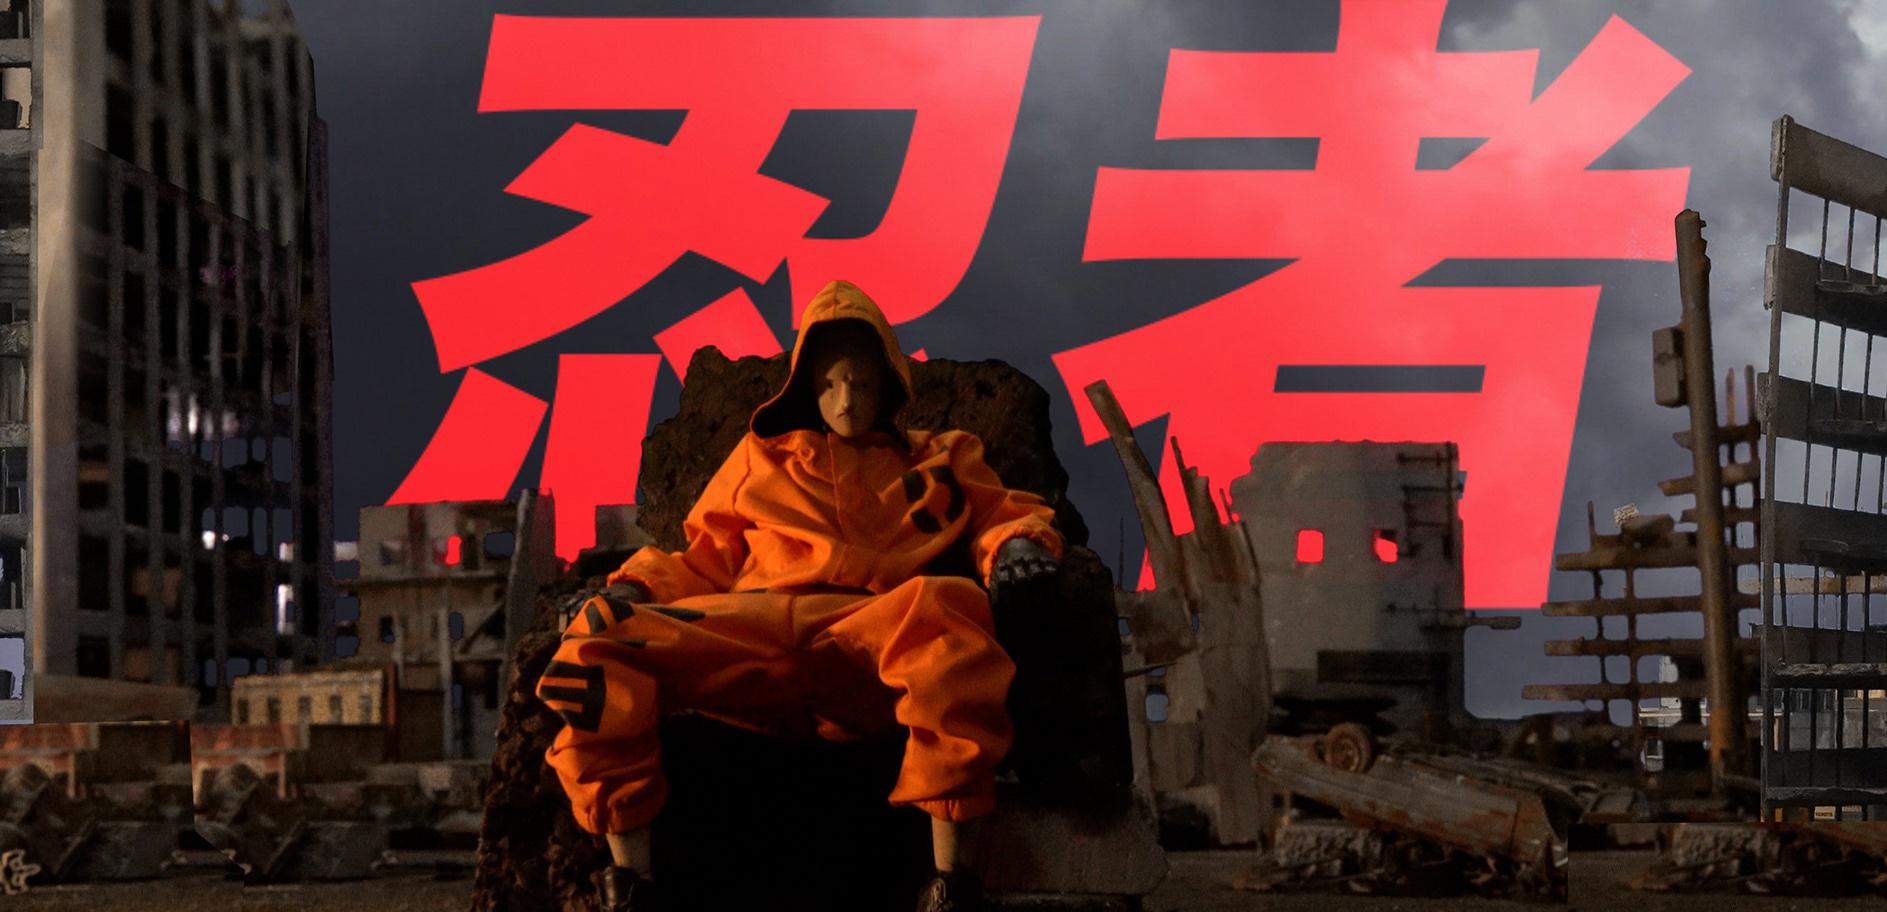 Die Antwoord prevé un futuro apocalíptico en su nuevo video 'Future Baby'